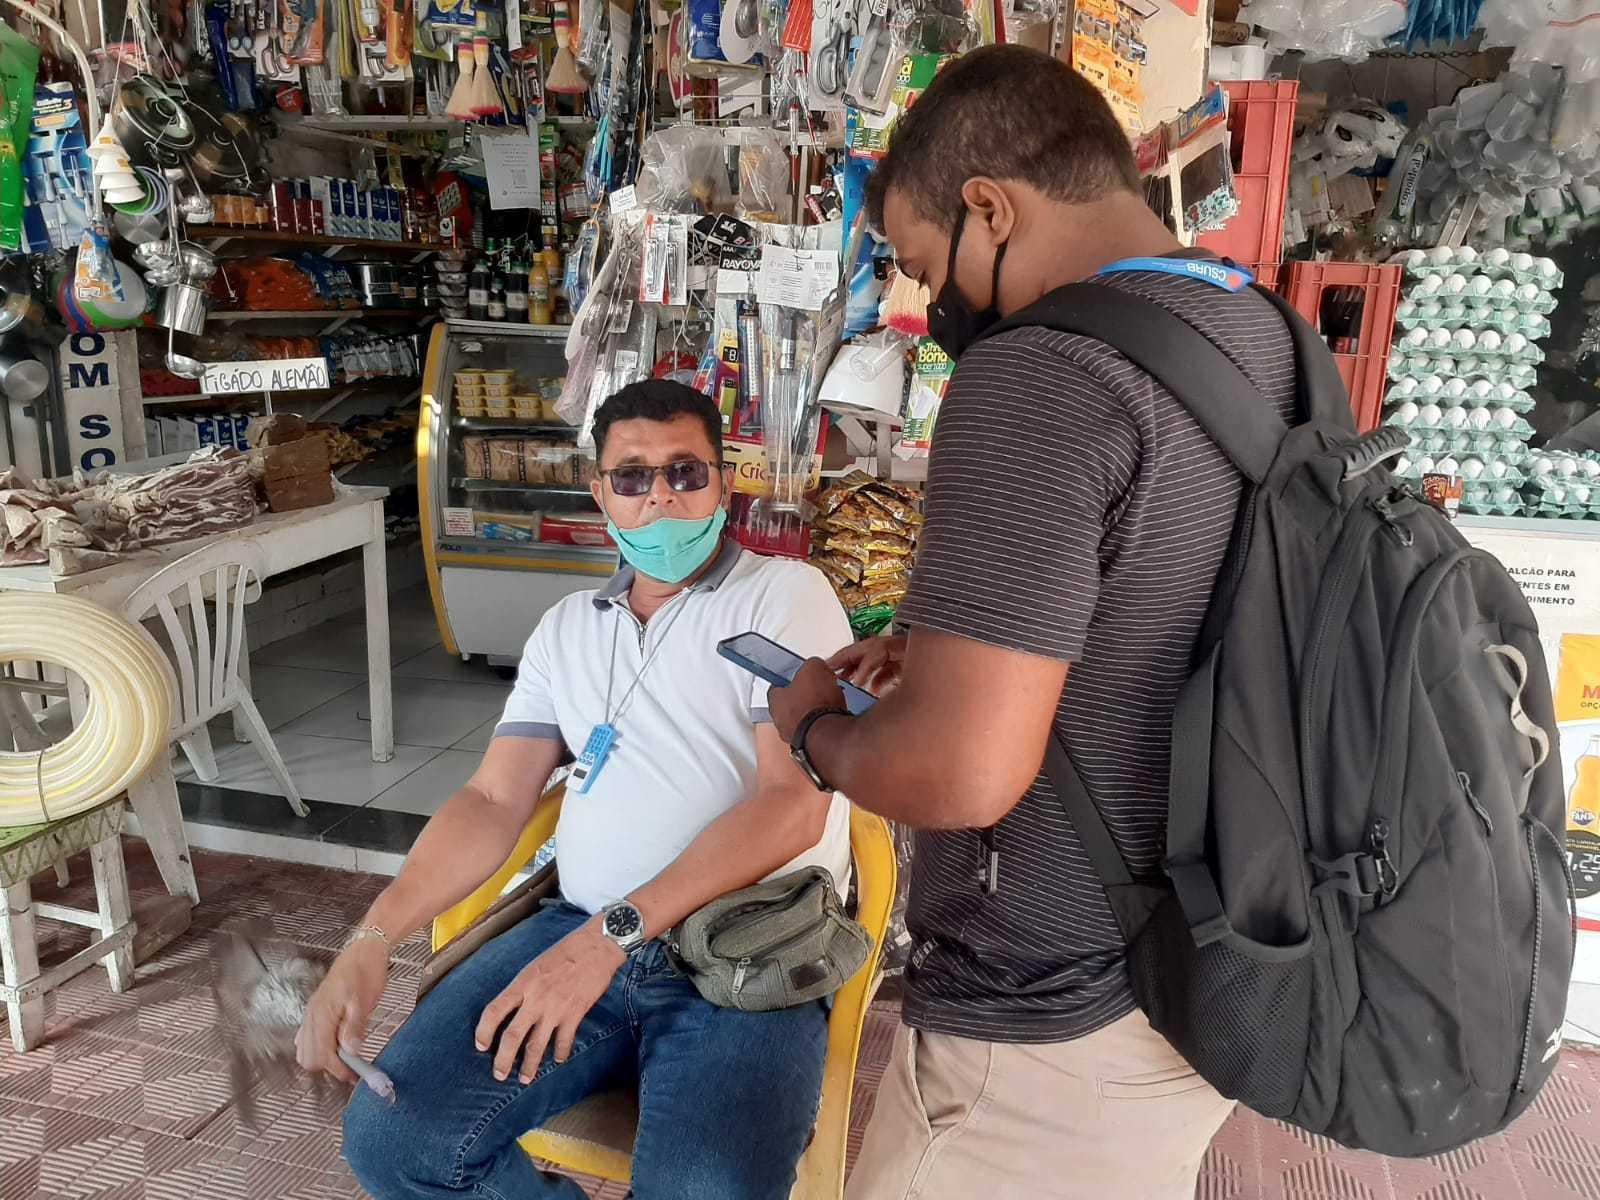 Dois homens, um em pé realizando a consulta e outro sentado, na frente de uma loja de artigos diversos.